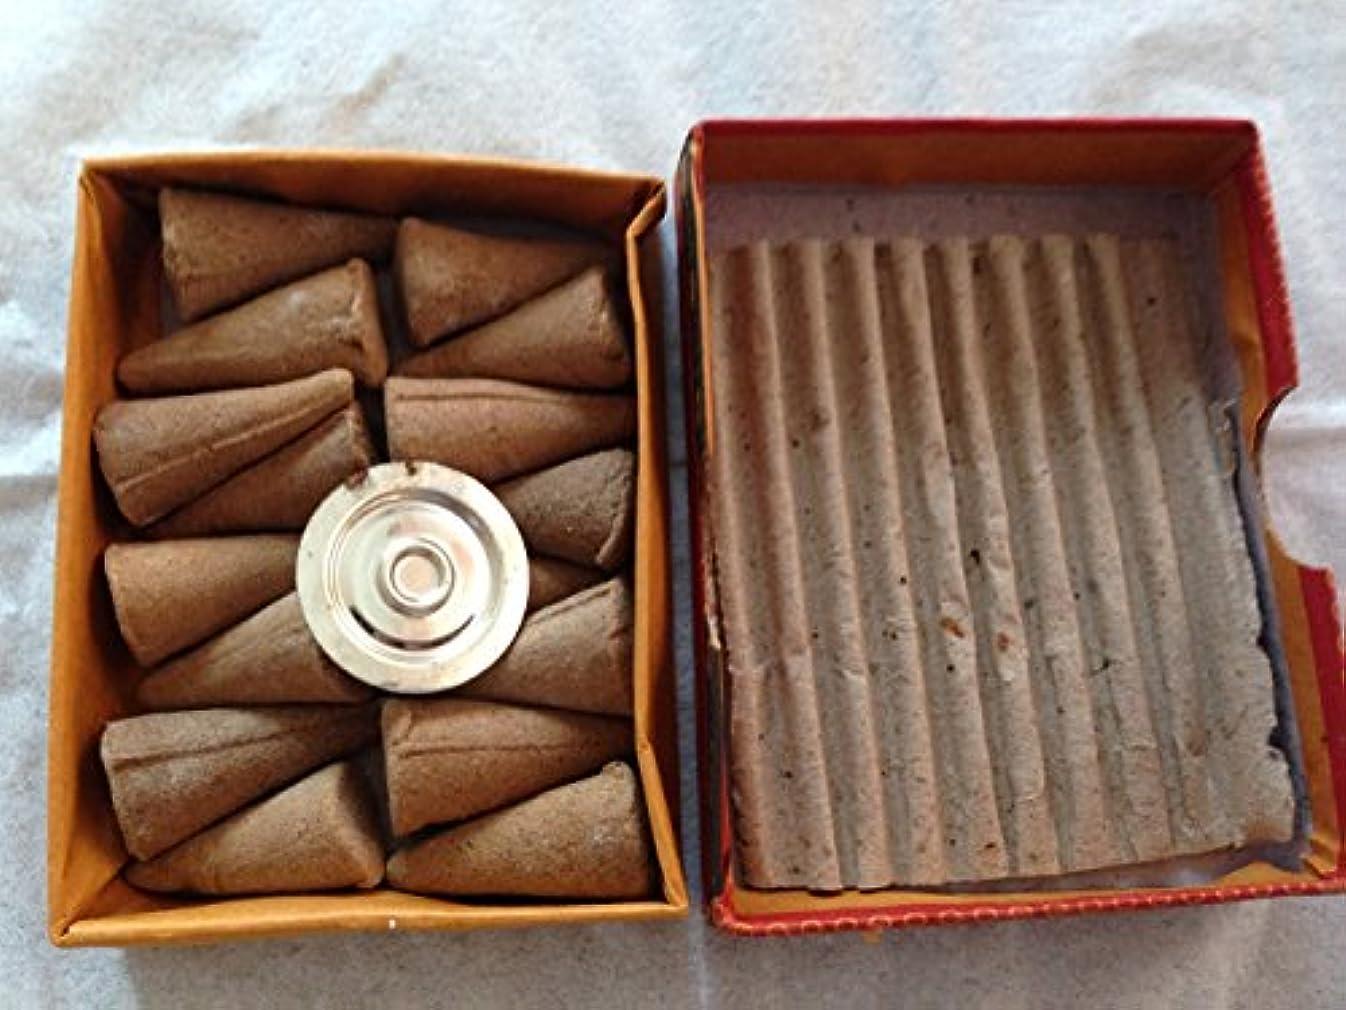 毎日換気お茶インドのお香 NAMASTEJI (コーン香) インセンス 16個入り (PINE(パイン/松)) [並行輸入品]